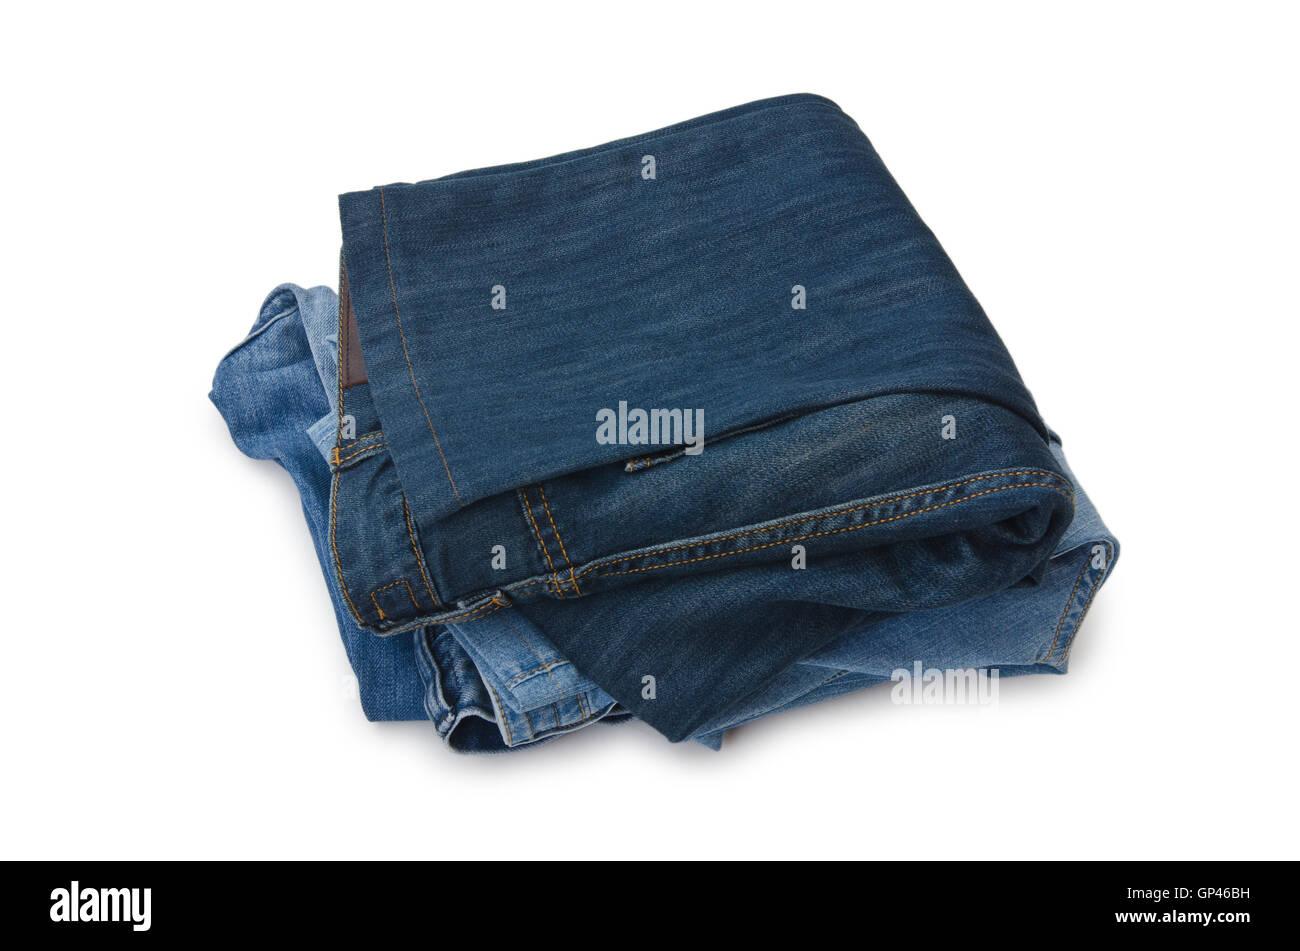 5009b848ed11 Paar Jeans isoliert auf dem weißen Stockfoto, Bild  116877477 - Alamy